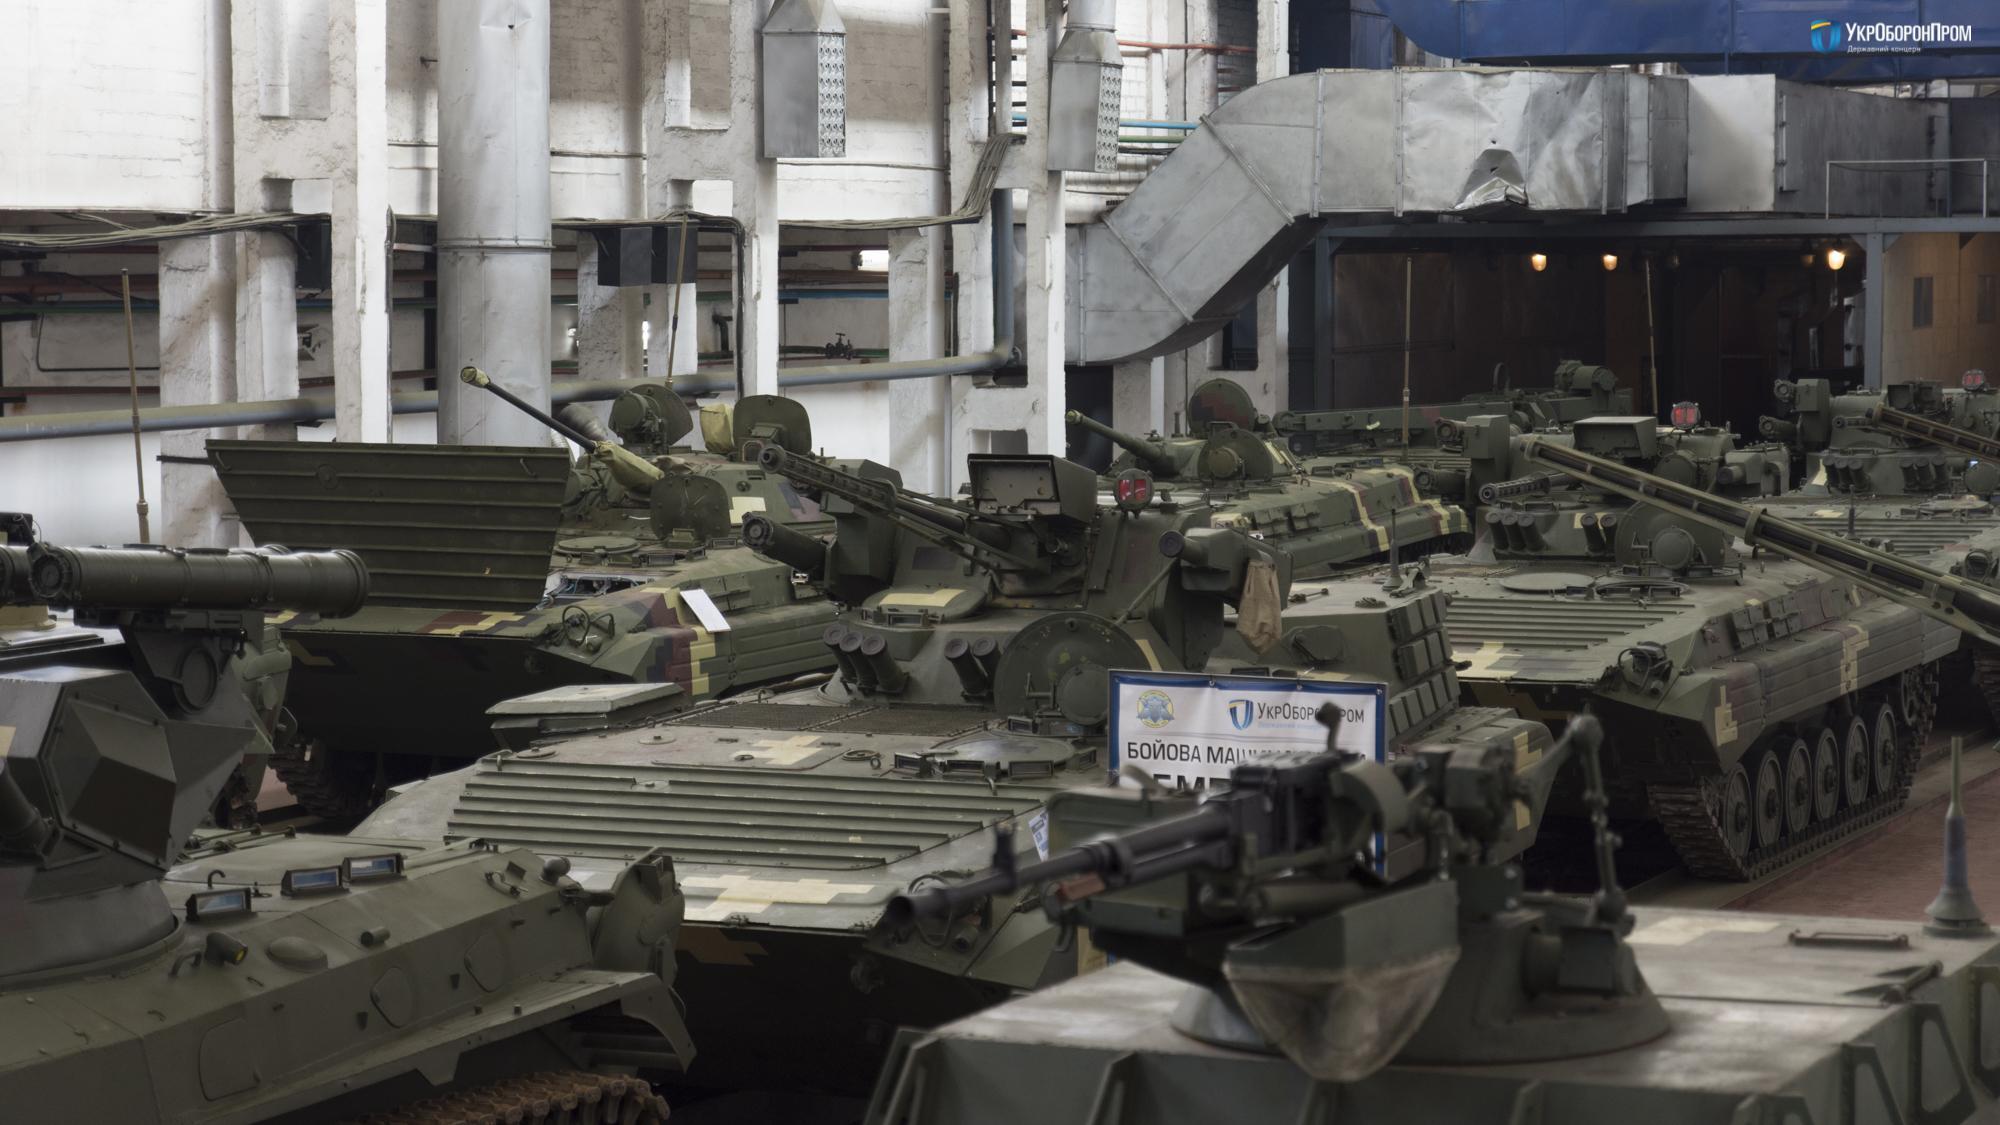 ВЖитомирской области окончено тестирования модернизированной машины БМП-1УМД